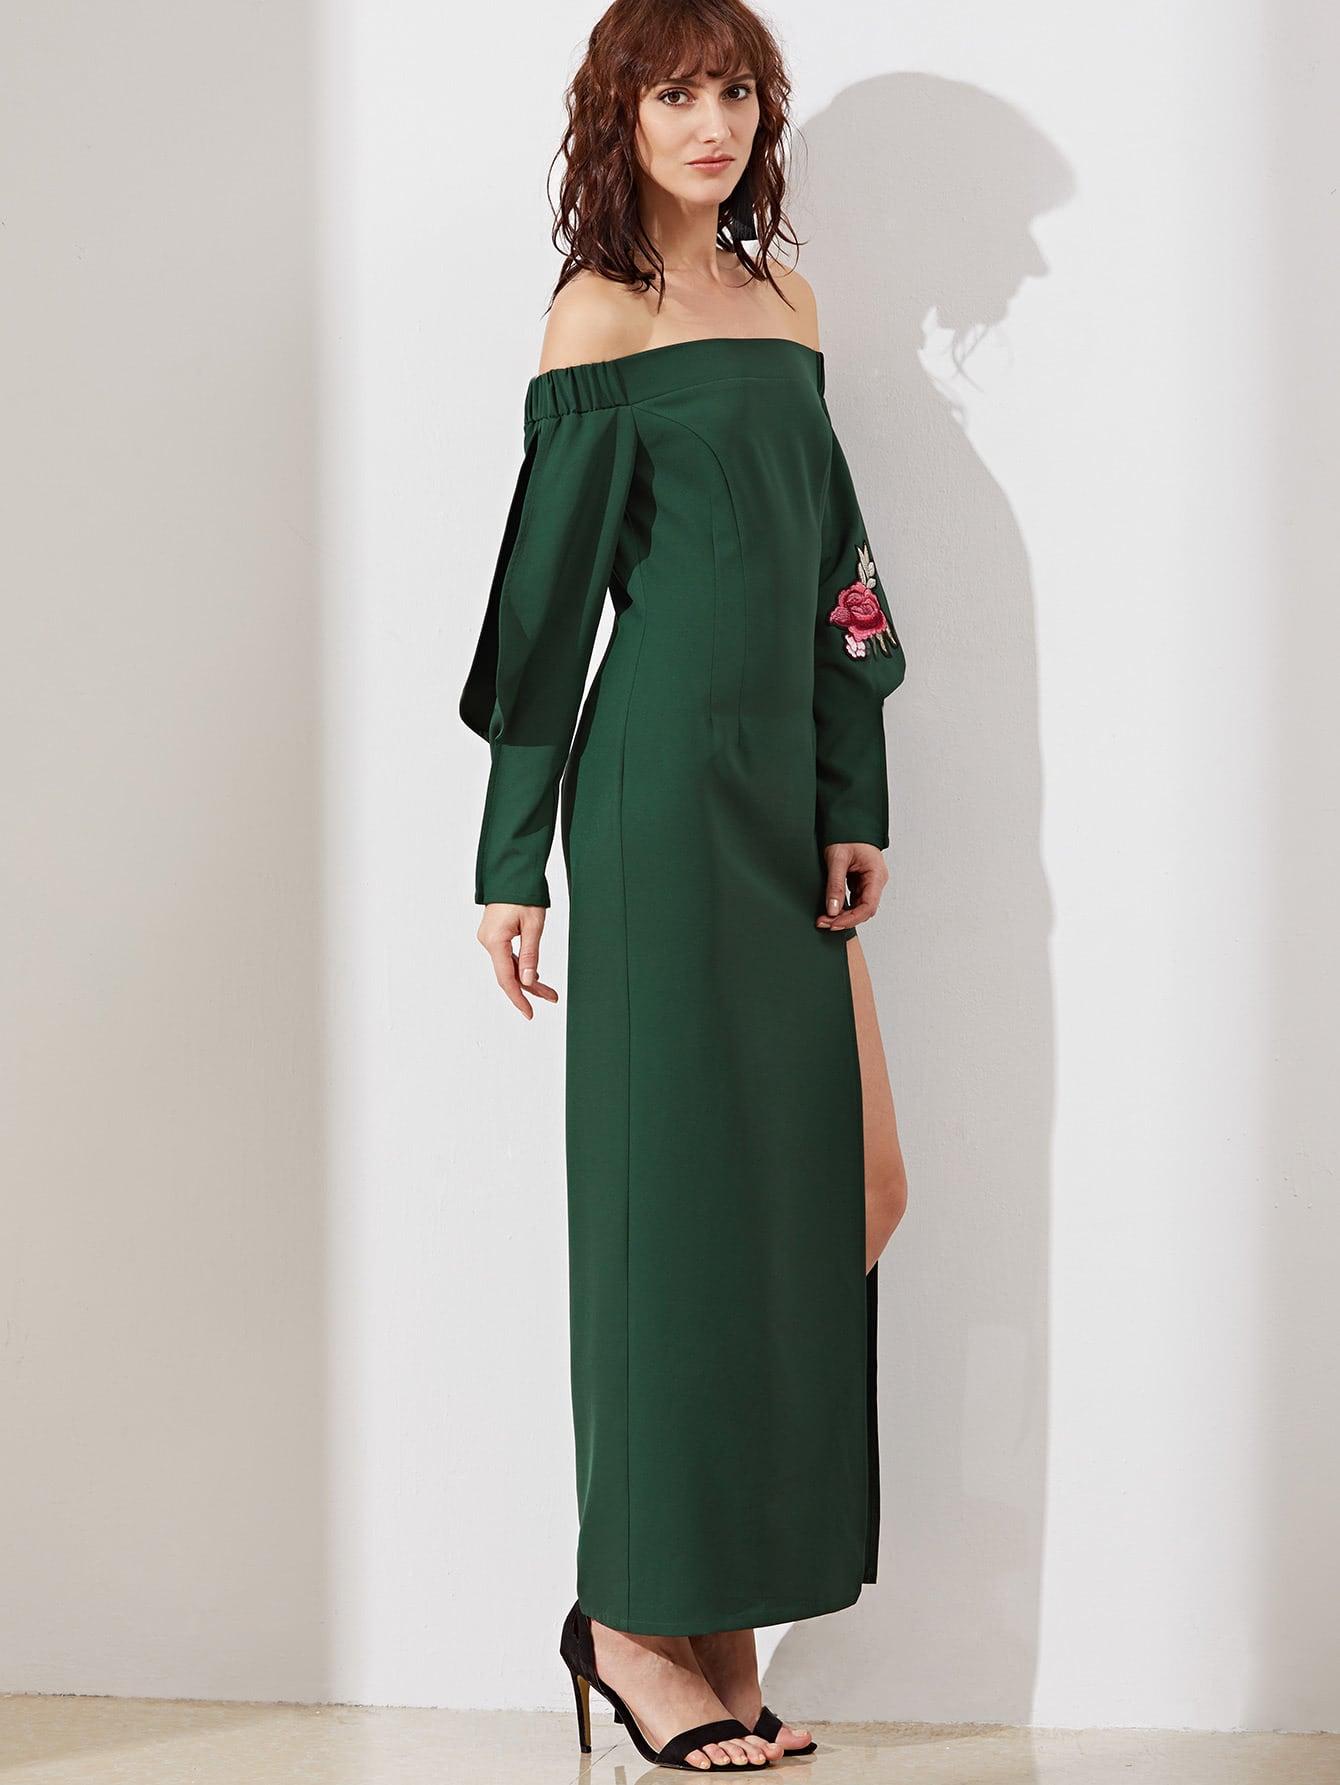 dress161229704_2